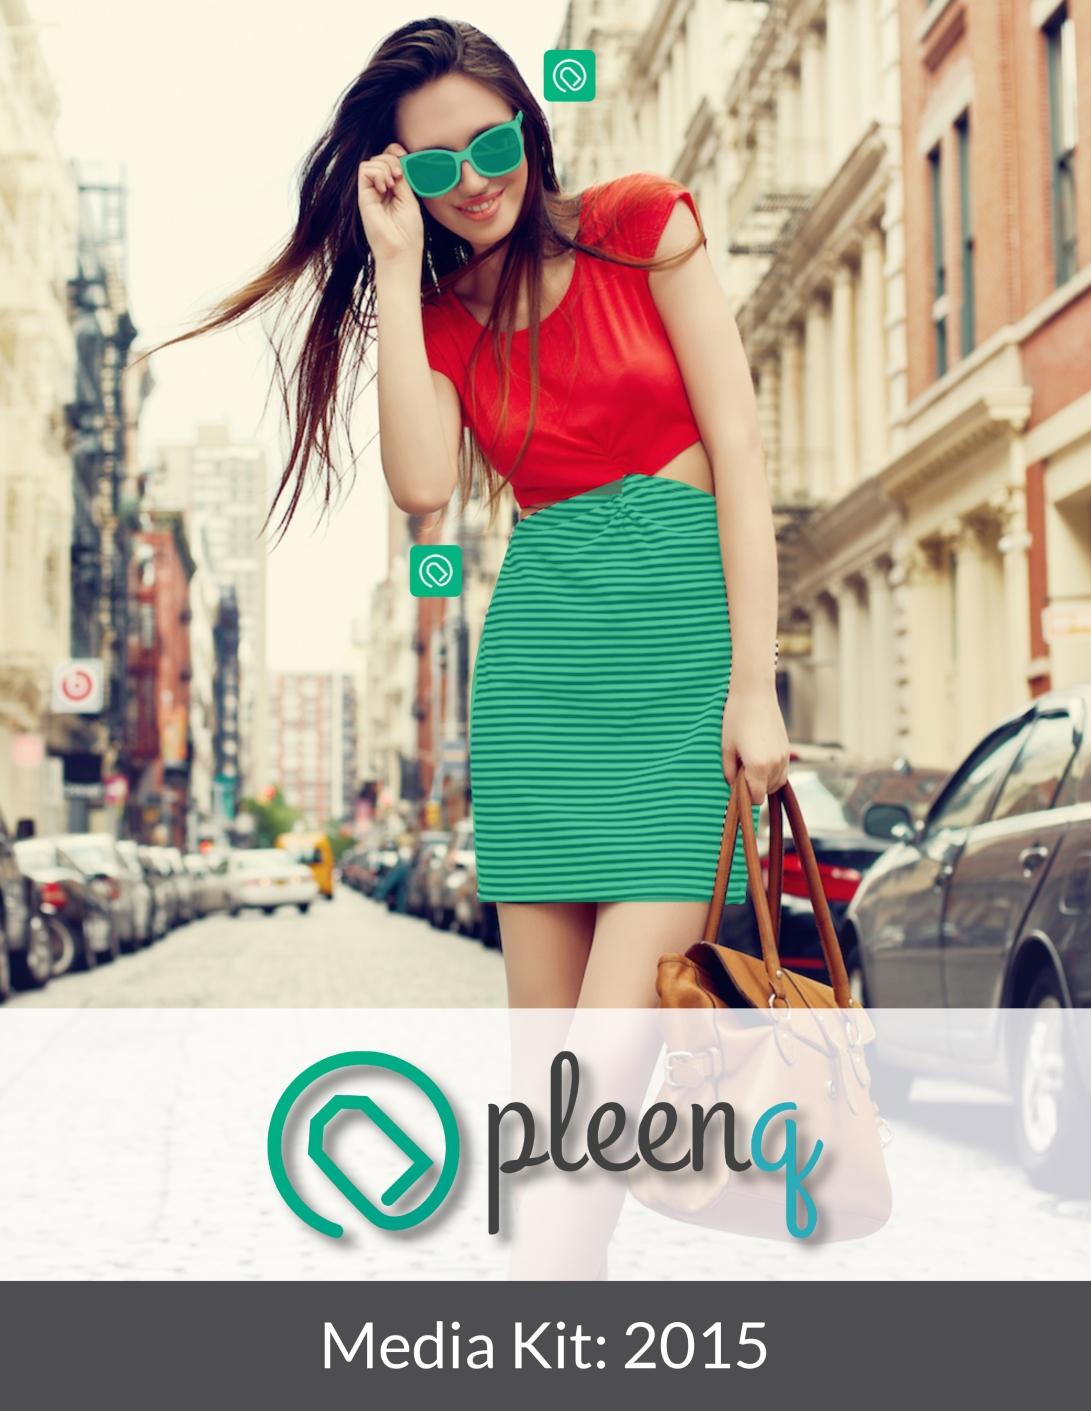 PLEENQ, LLC Media Kit 2015 - Copy-1